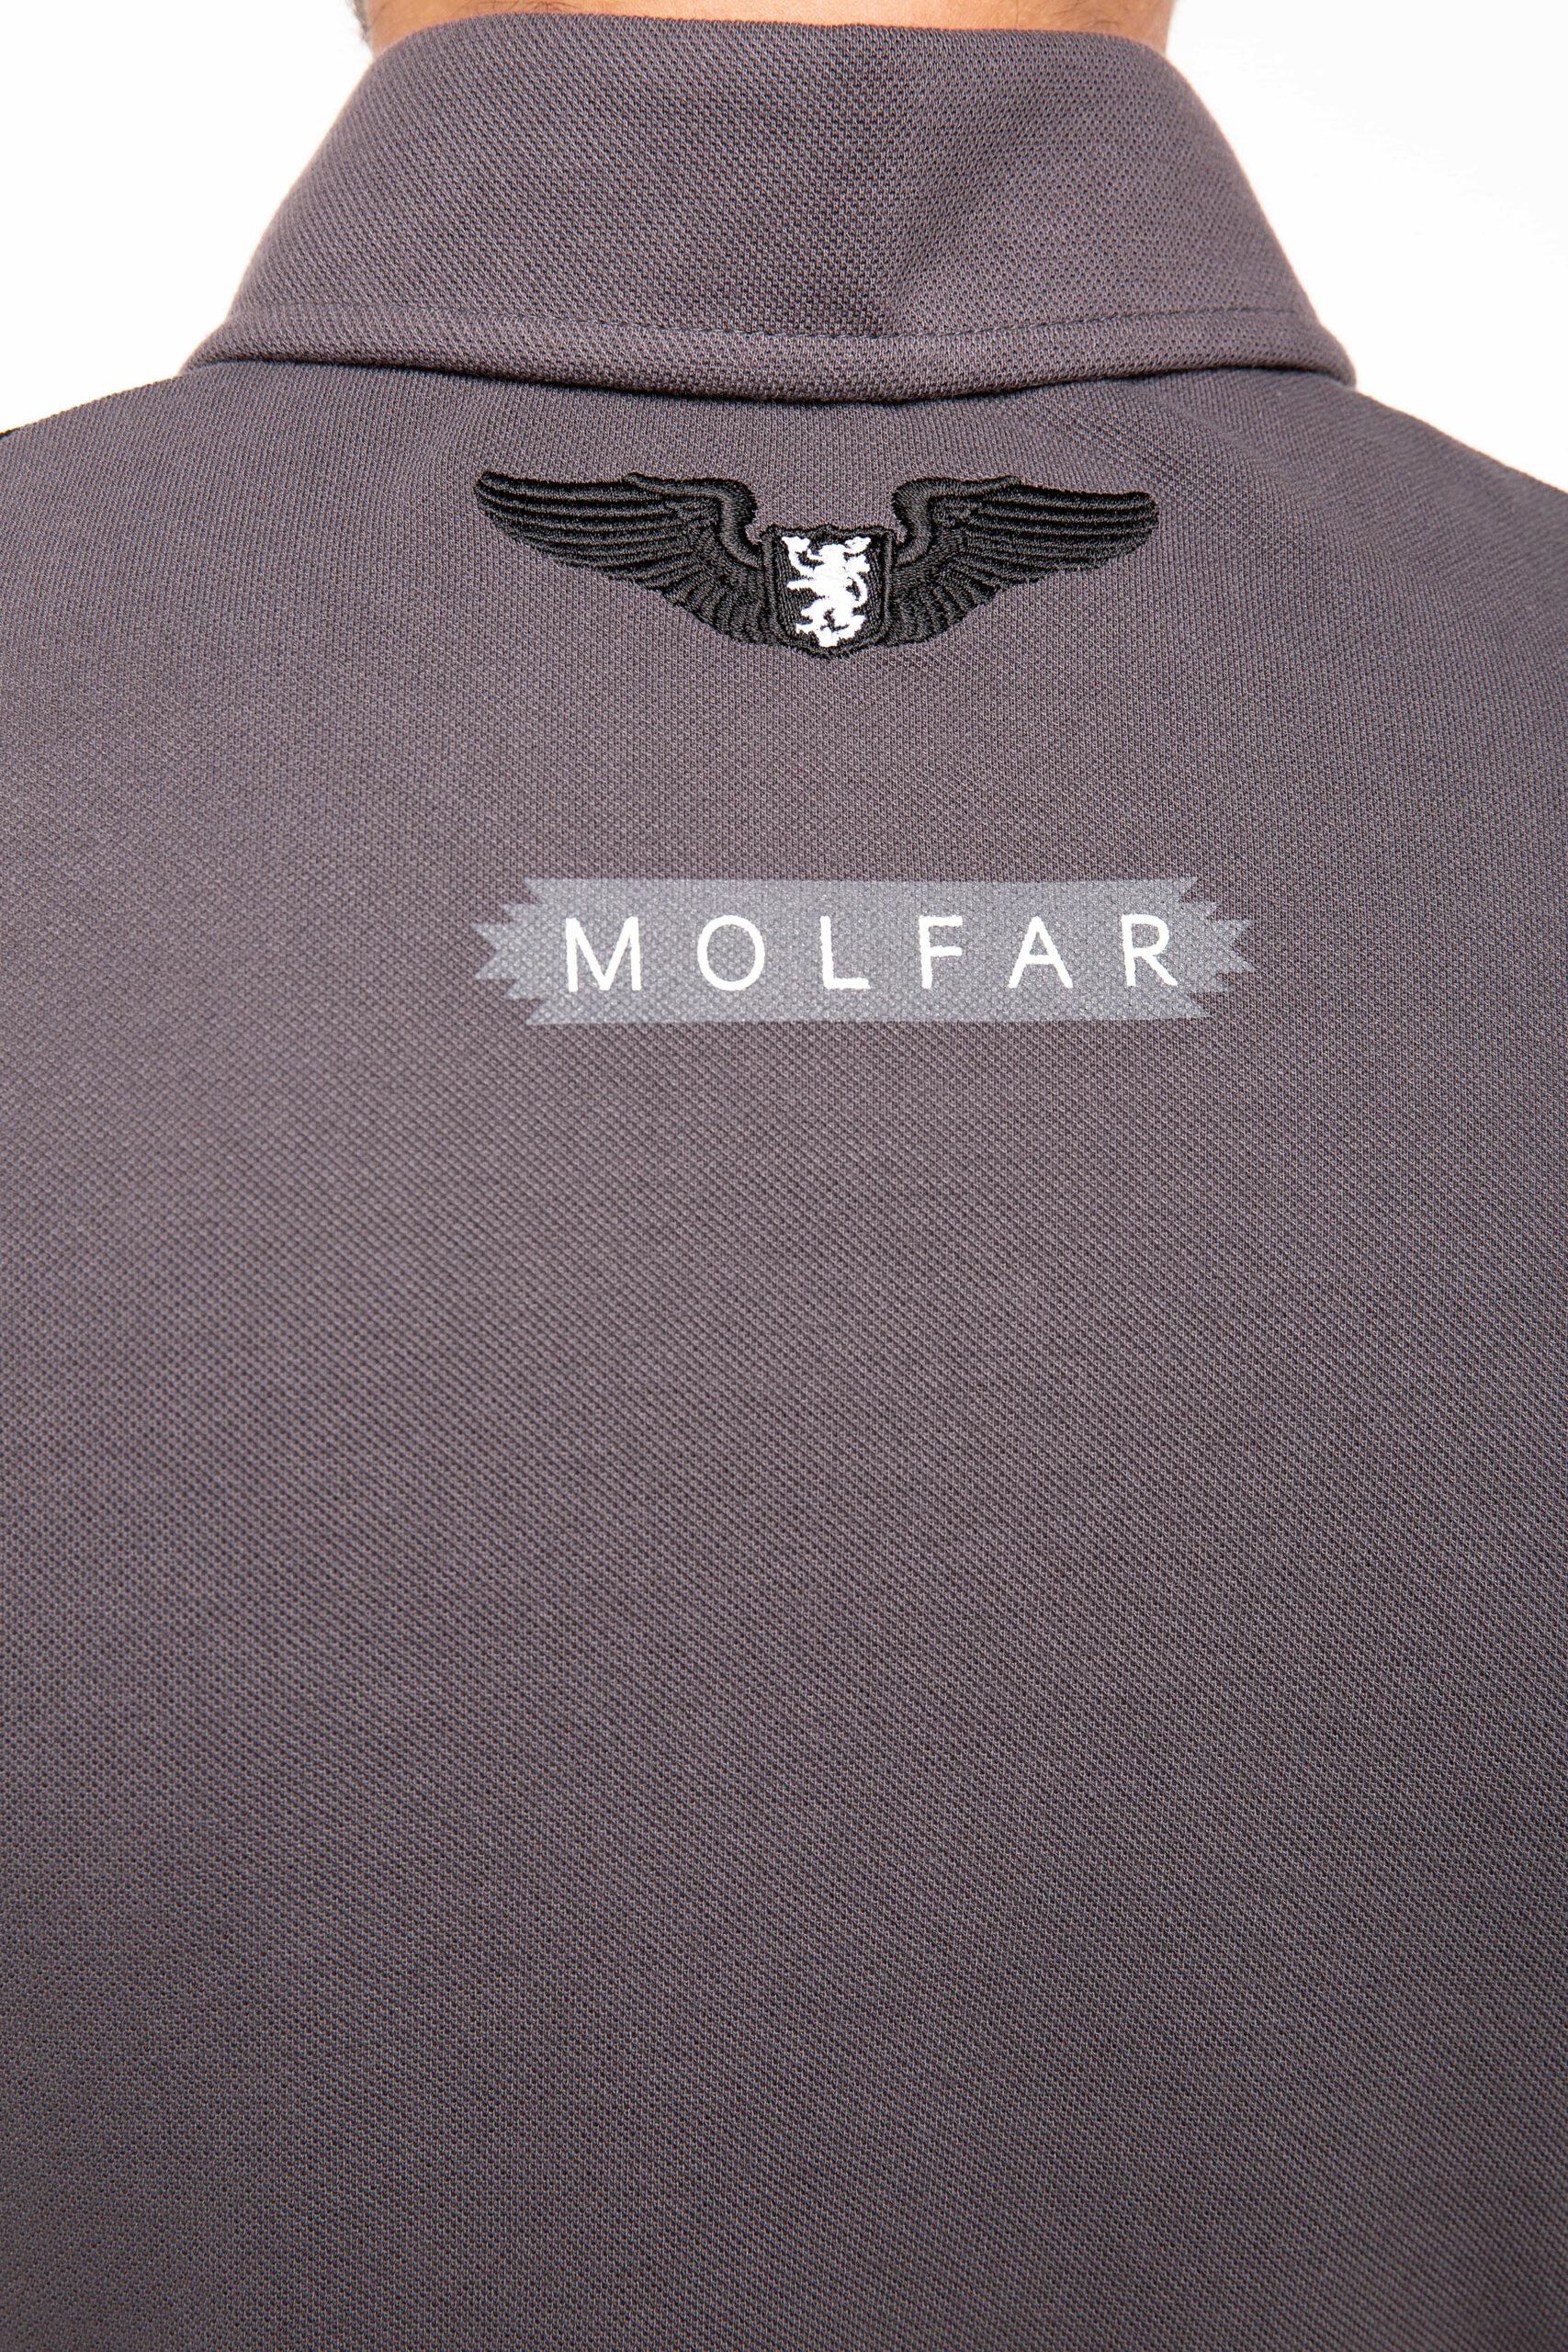 Чоловіче Поло Друга Експедиція Мольфарів. Колір темно-сірий.  Це поло є частиною фемілі луку —